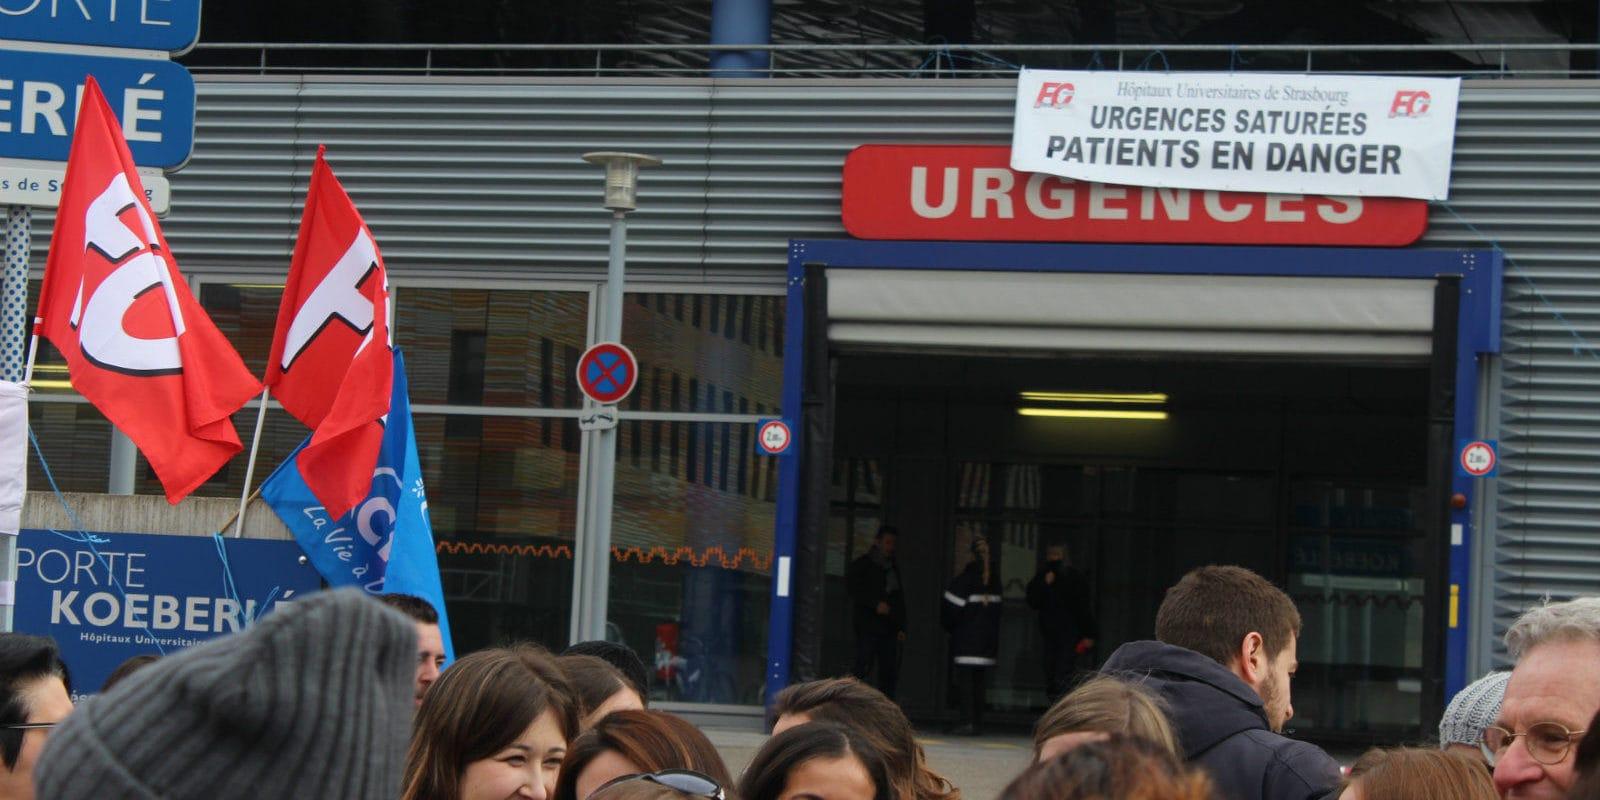 Au NHC, «des urgences vitales ne sont pas traitées avant plusieurs heures»